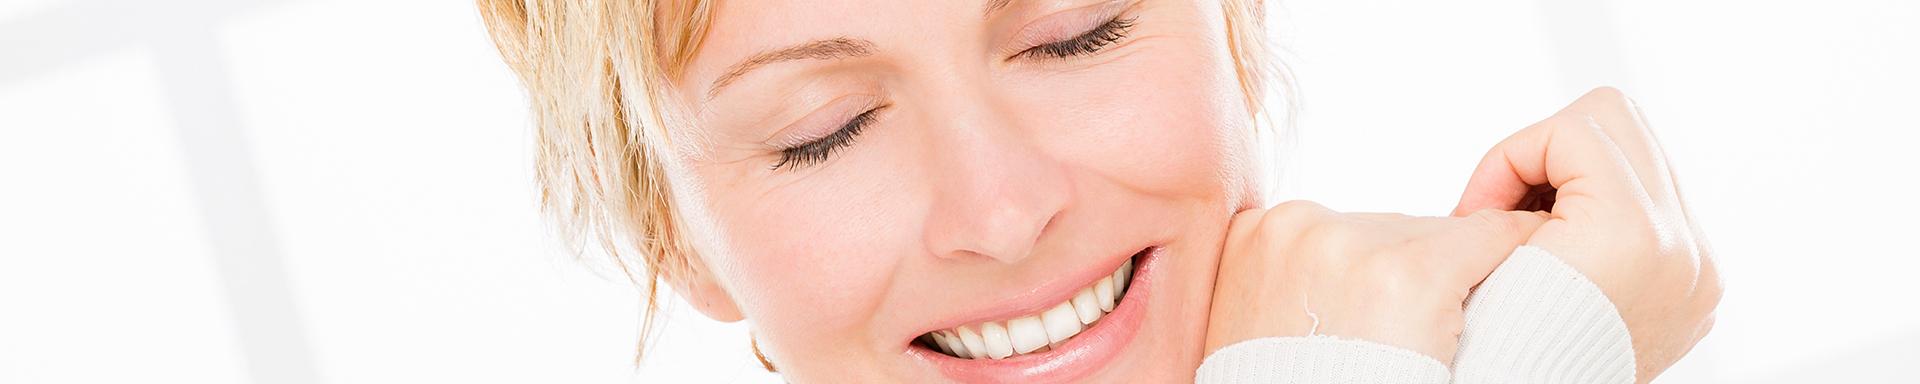 Tratamientos-rejuvenecimiento-rejuvenecimiento-facial-Antiaging-barcelona-clinica-teknon-mutuas